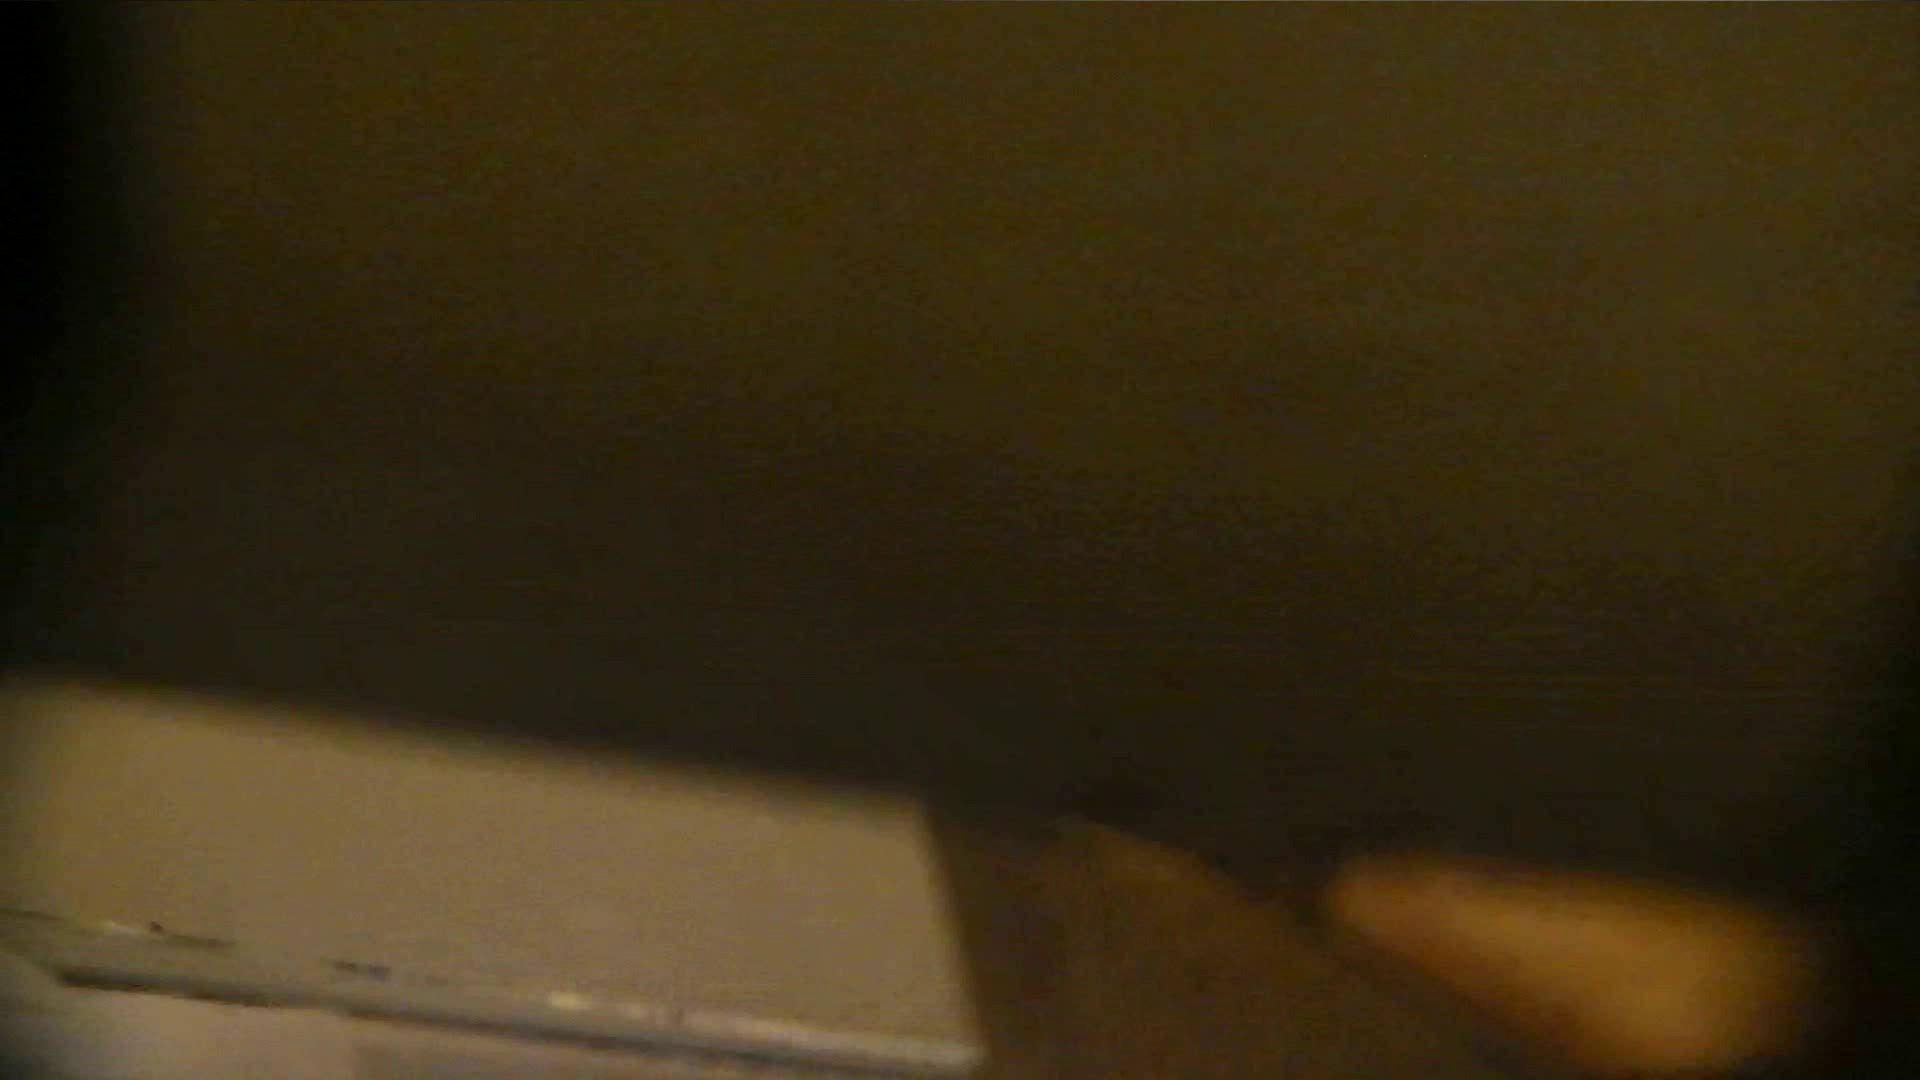 阿国ちゃんの「和式洋式七変化」No.5 洗面所   和式  92PIX 25